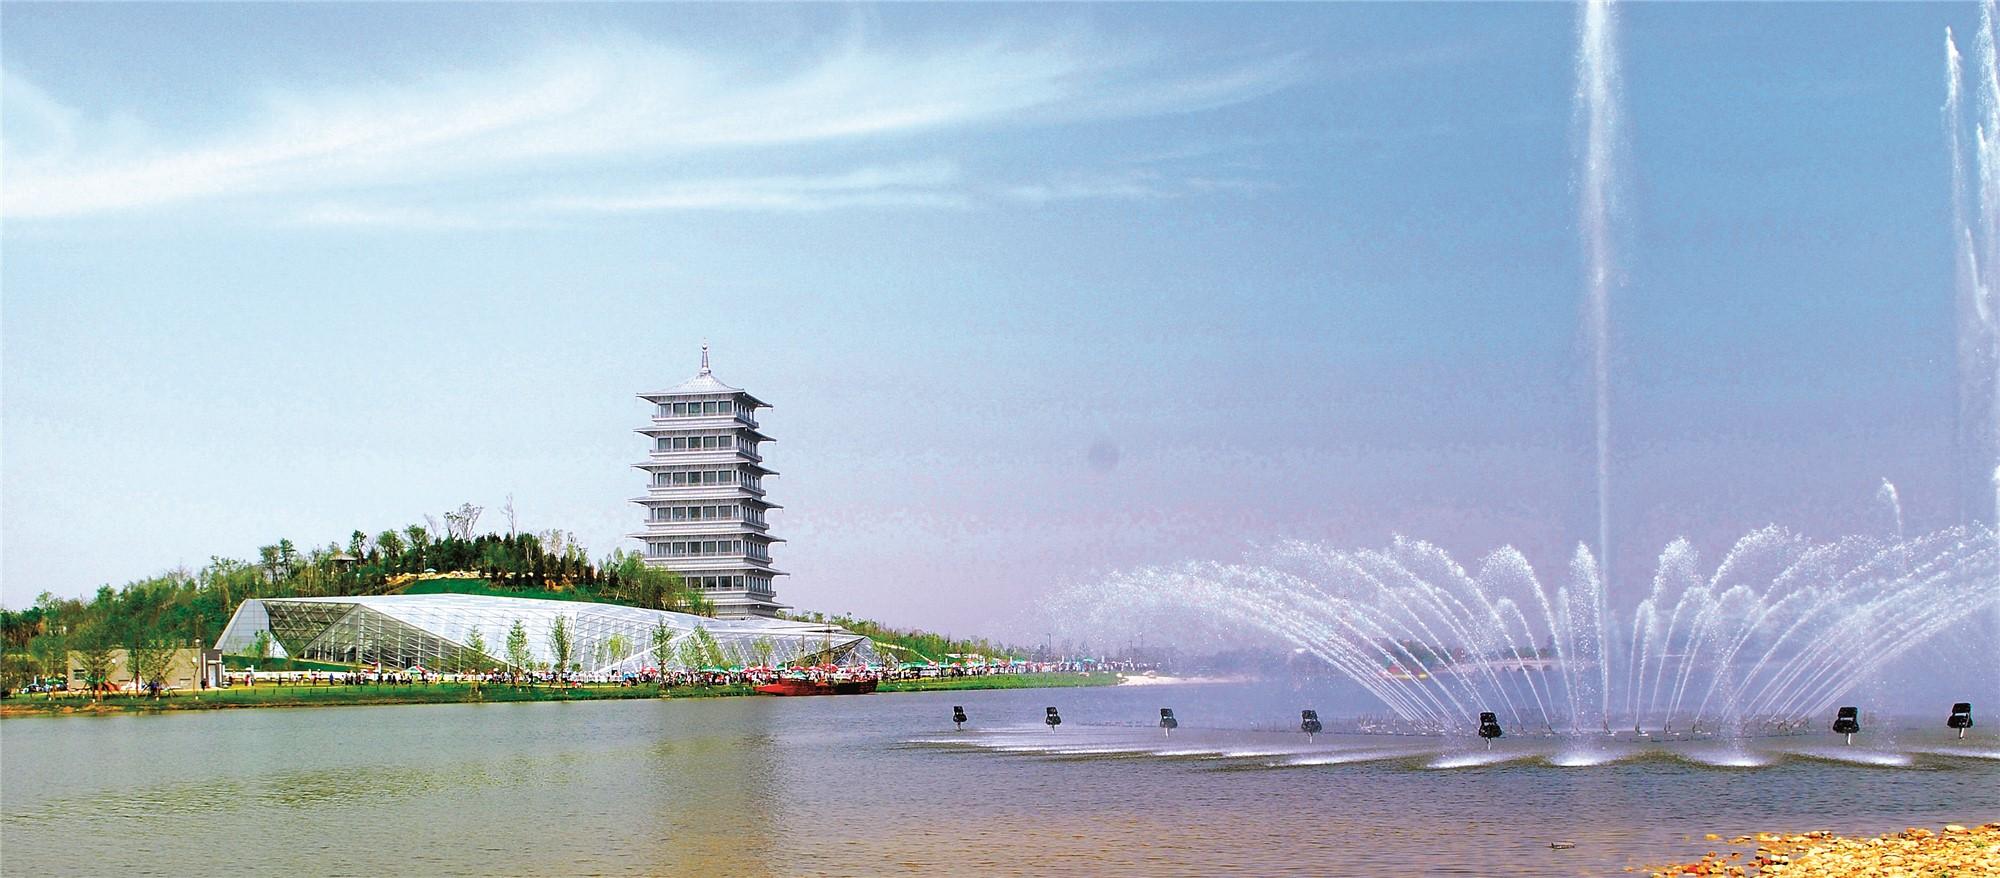 2011年西安世界园艺博览会四大标志性建筑